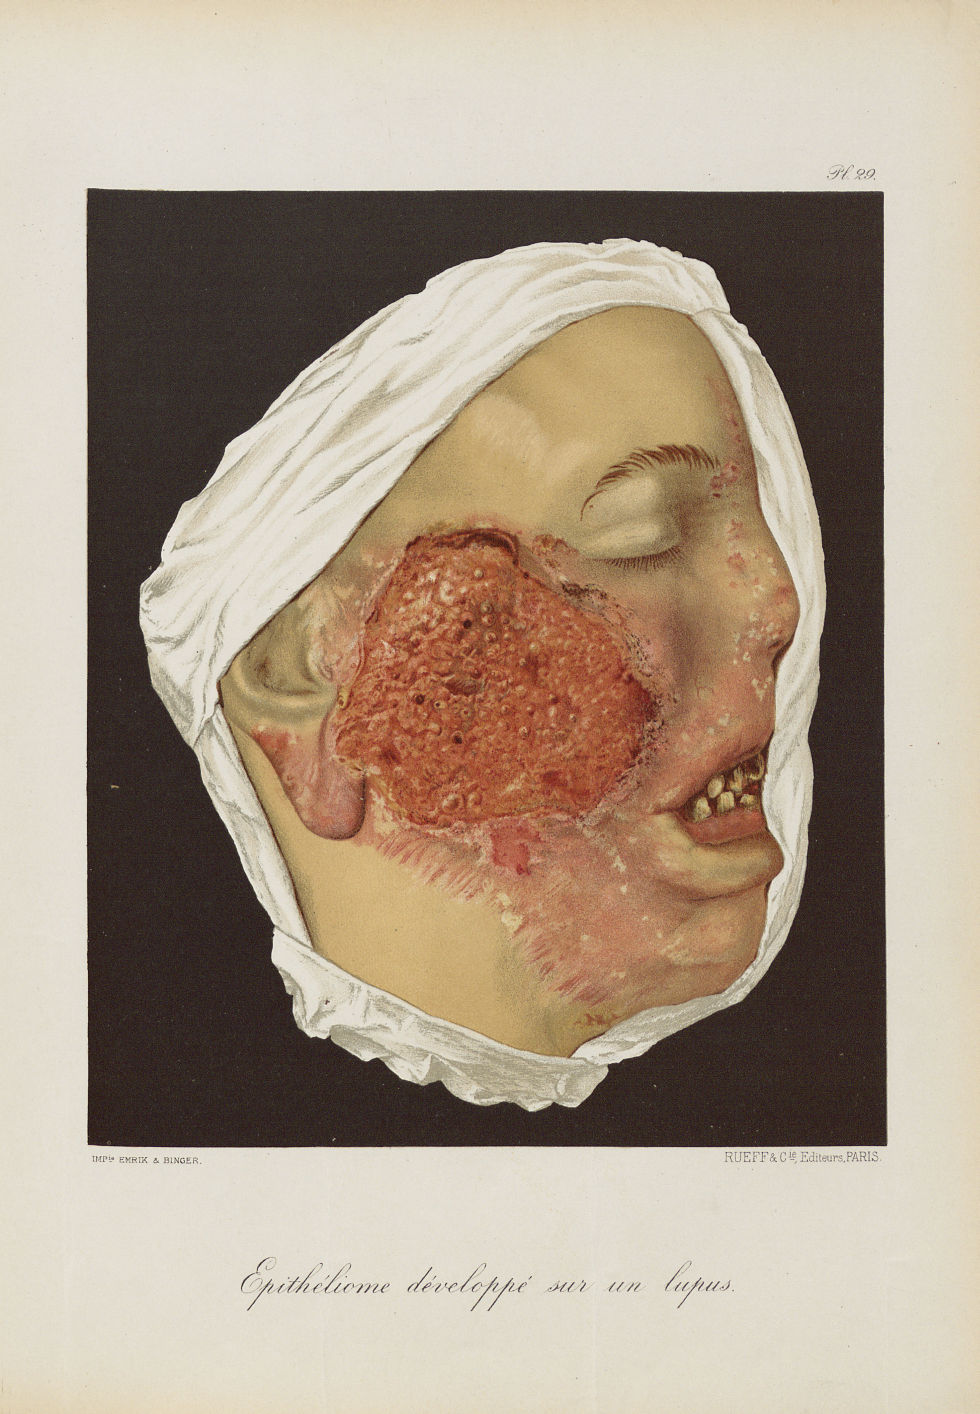 Epithéliome développé sur un lupus - Le musée de l'hôpital Saint-Louis : iconographie des maladies c [...] - Dermatologie (peau). Visages (têtes). 19e siècle (France) - med01740x0231